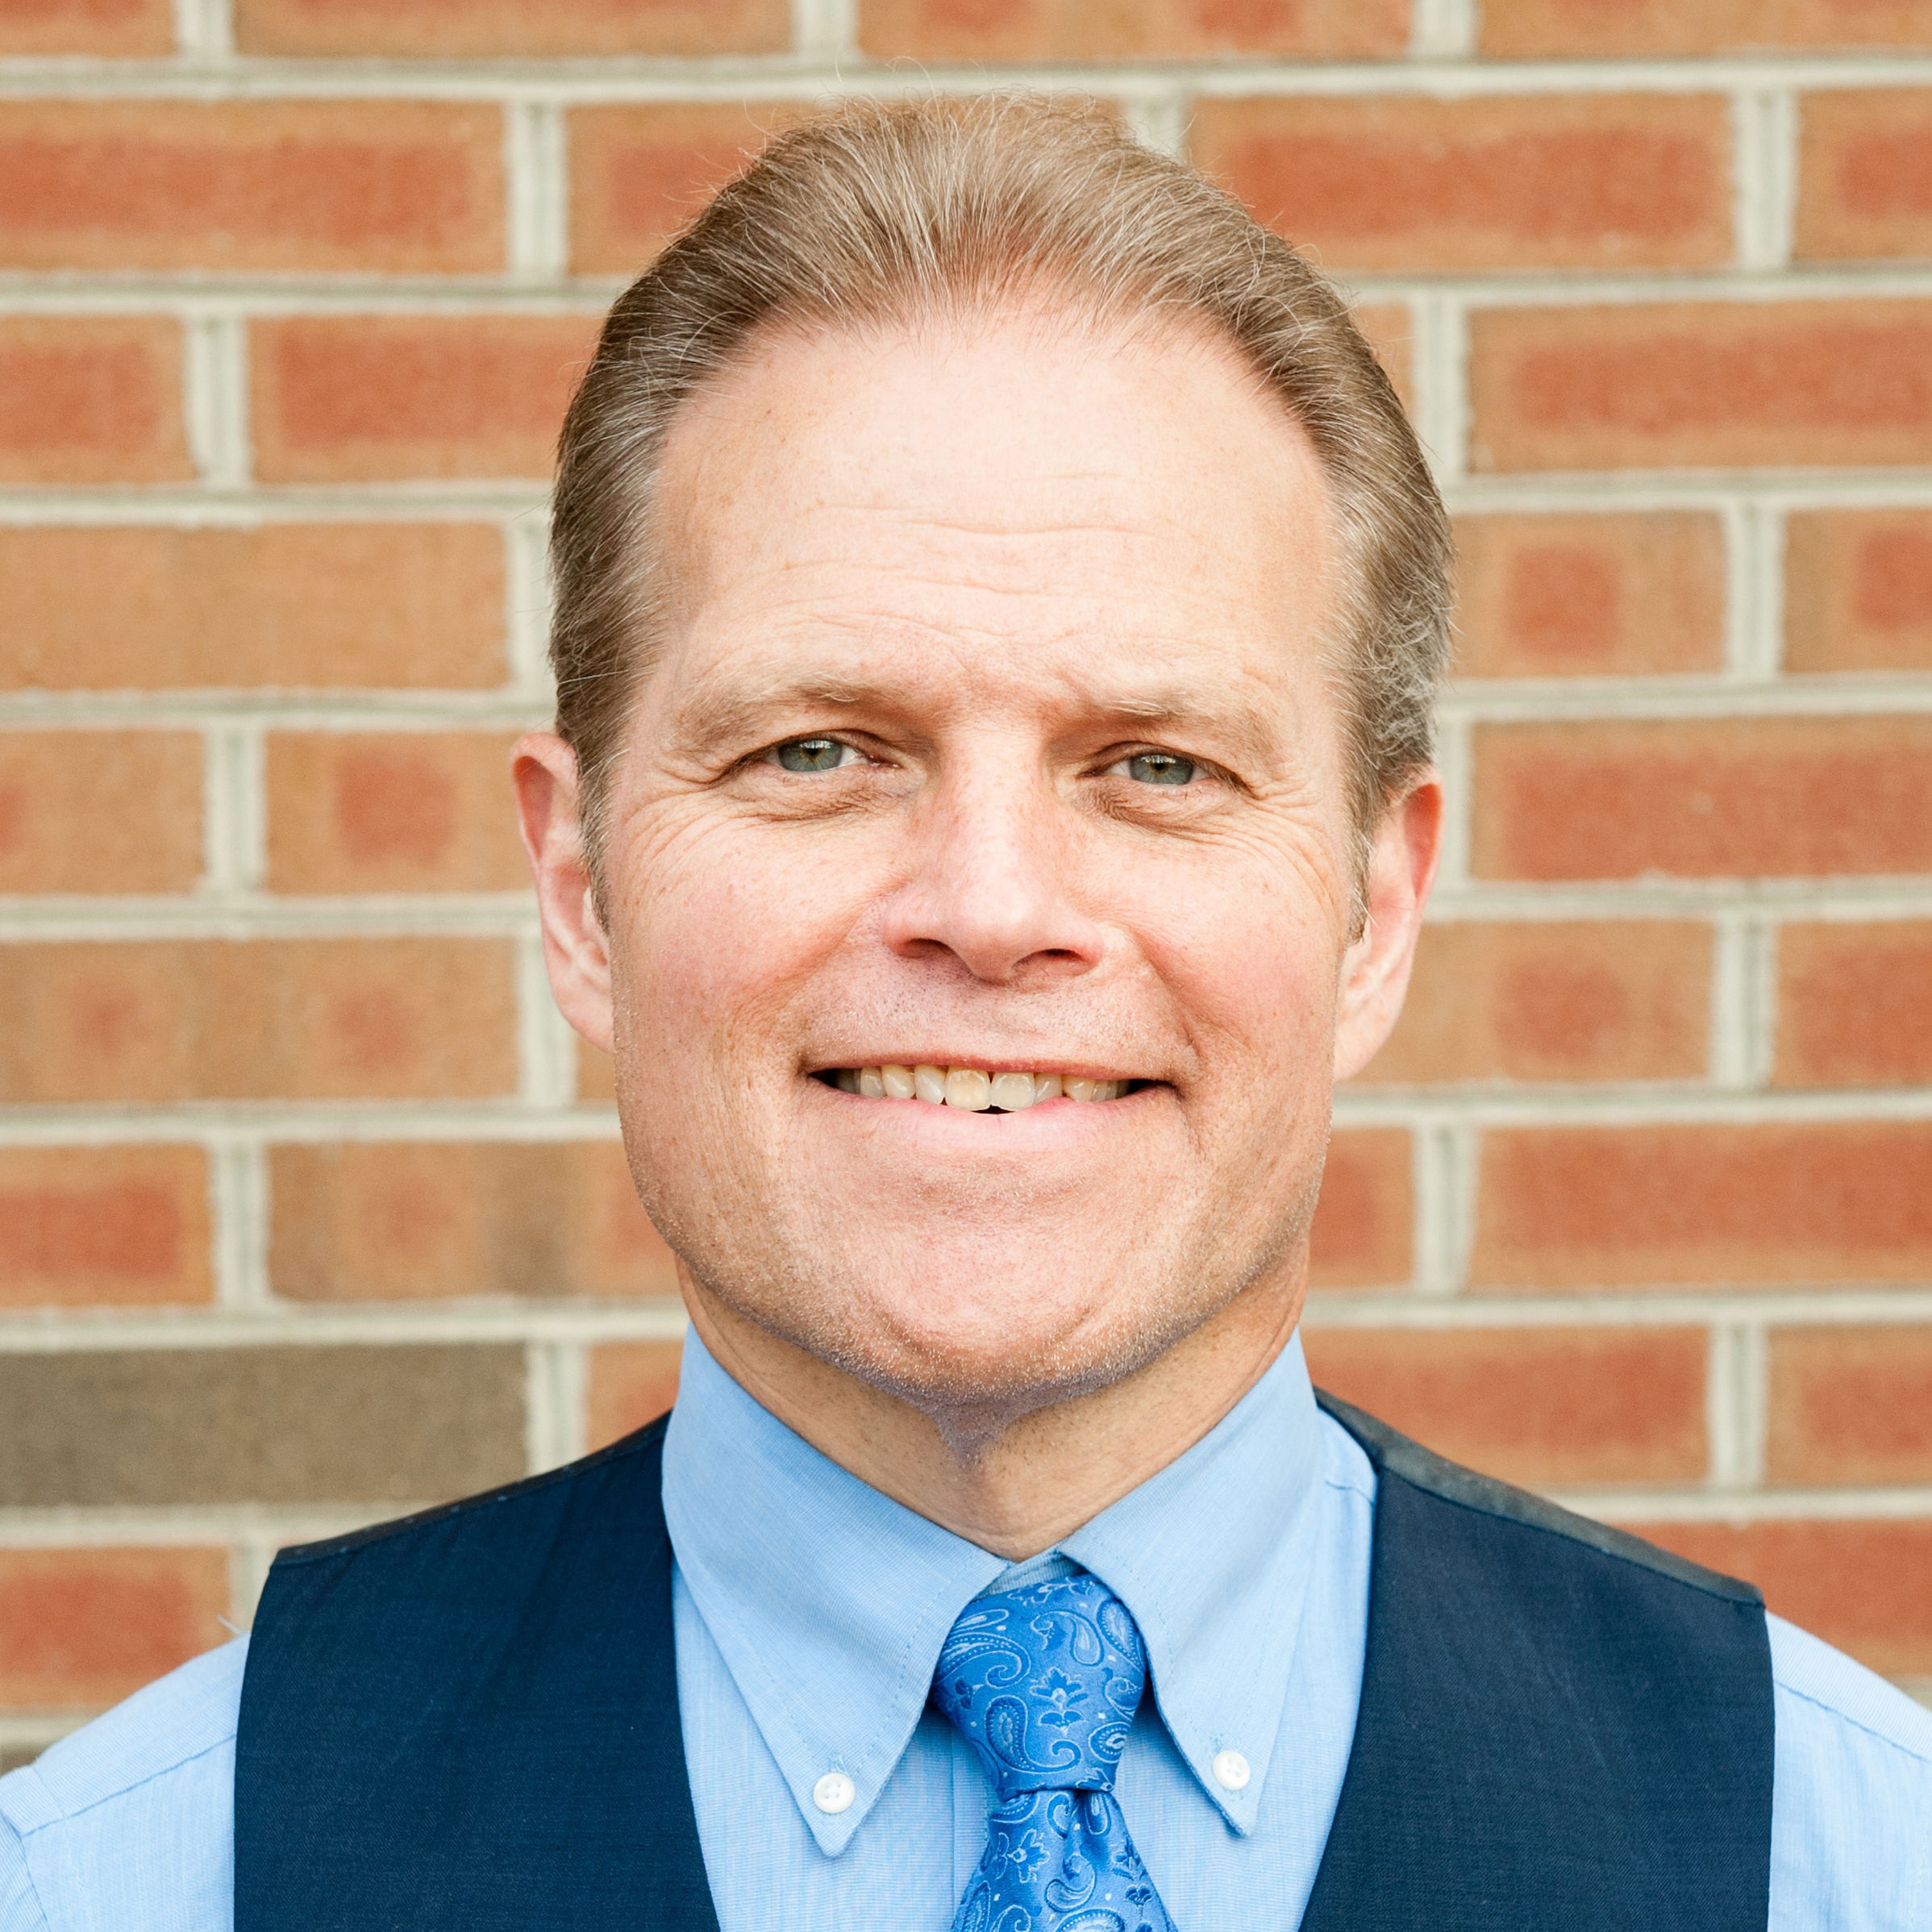 Paul Sloop